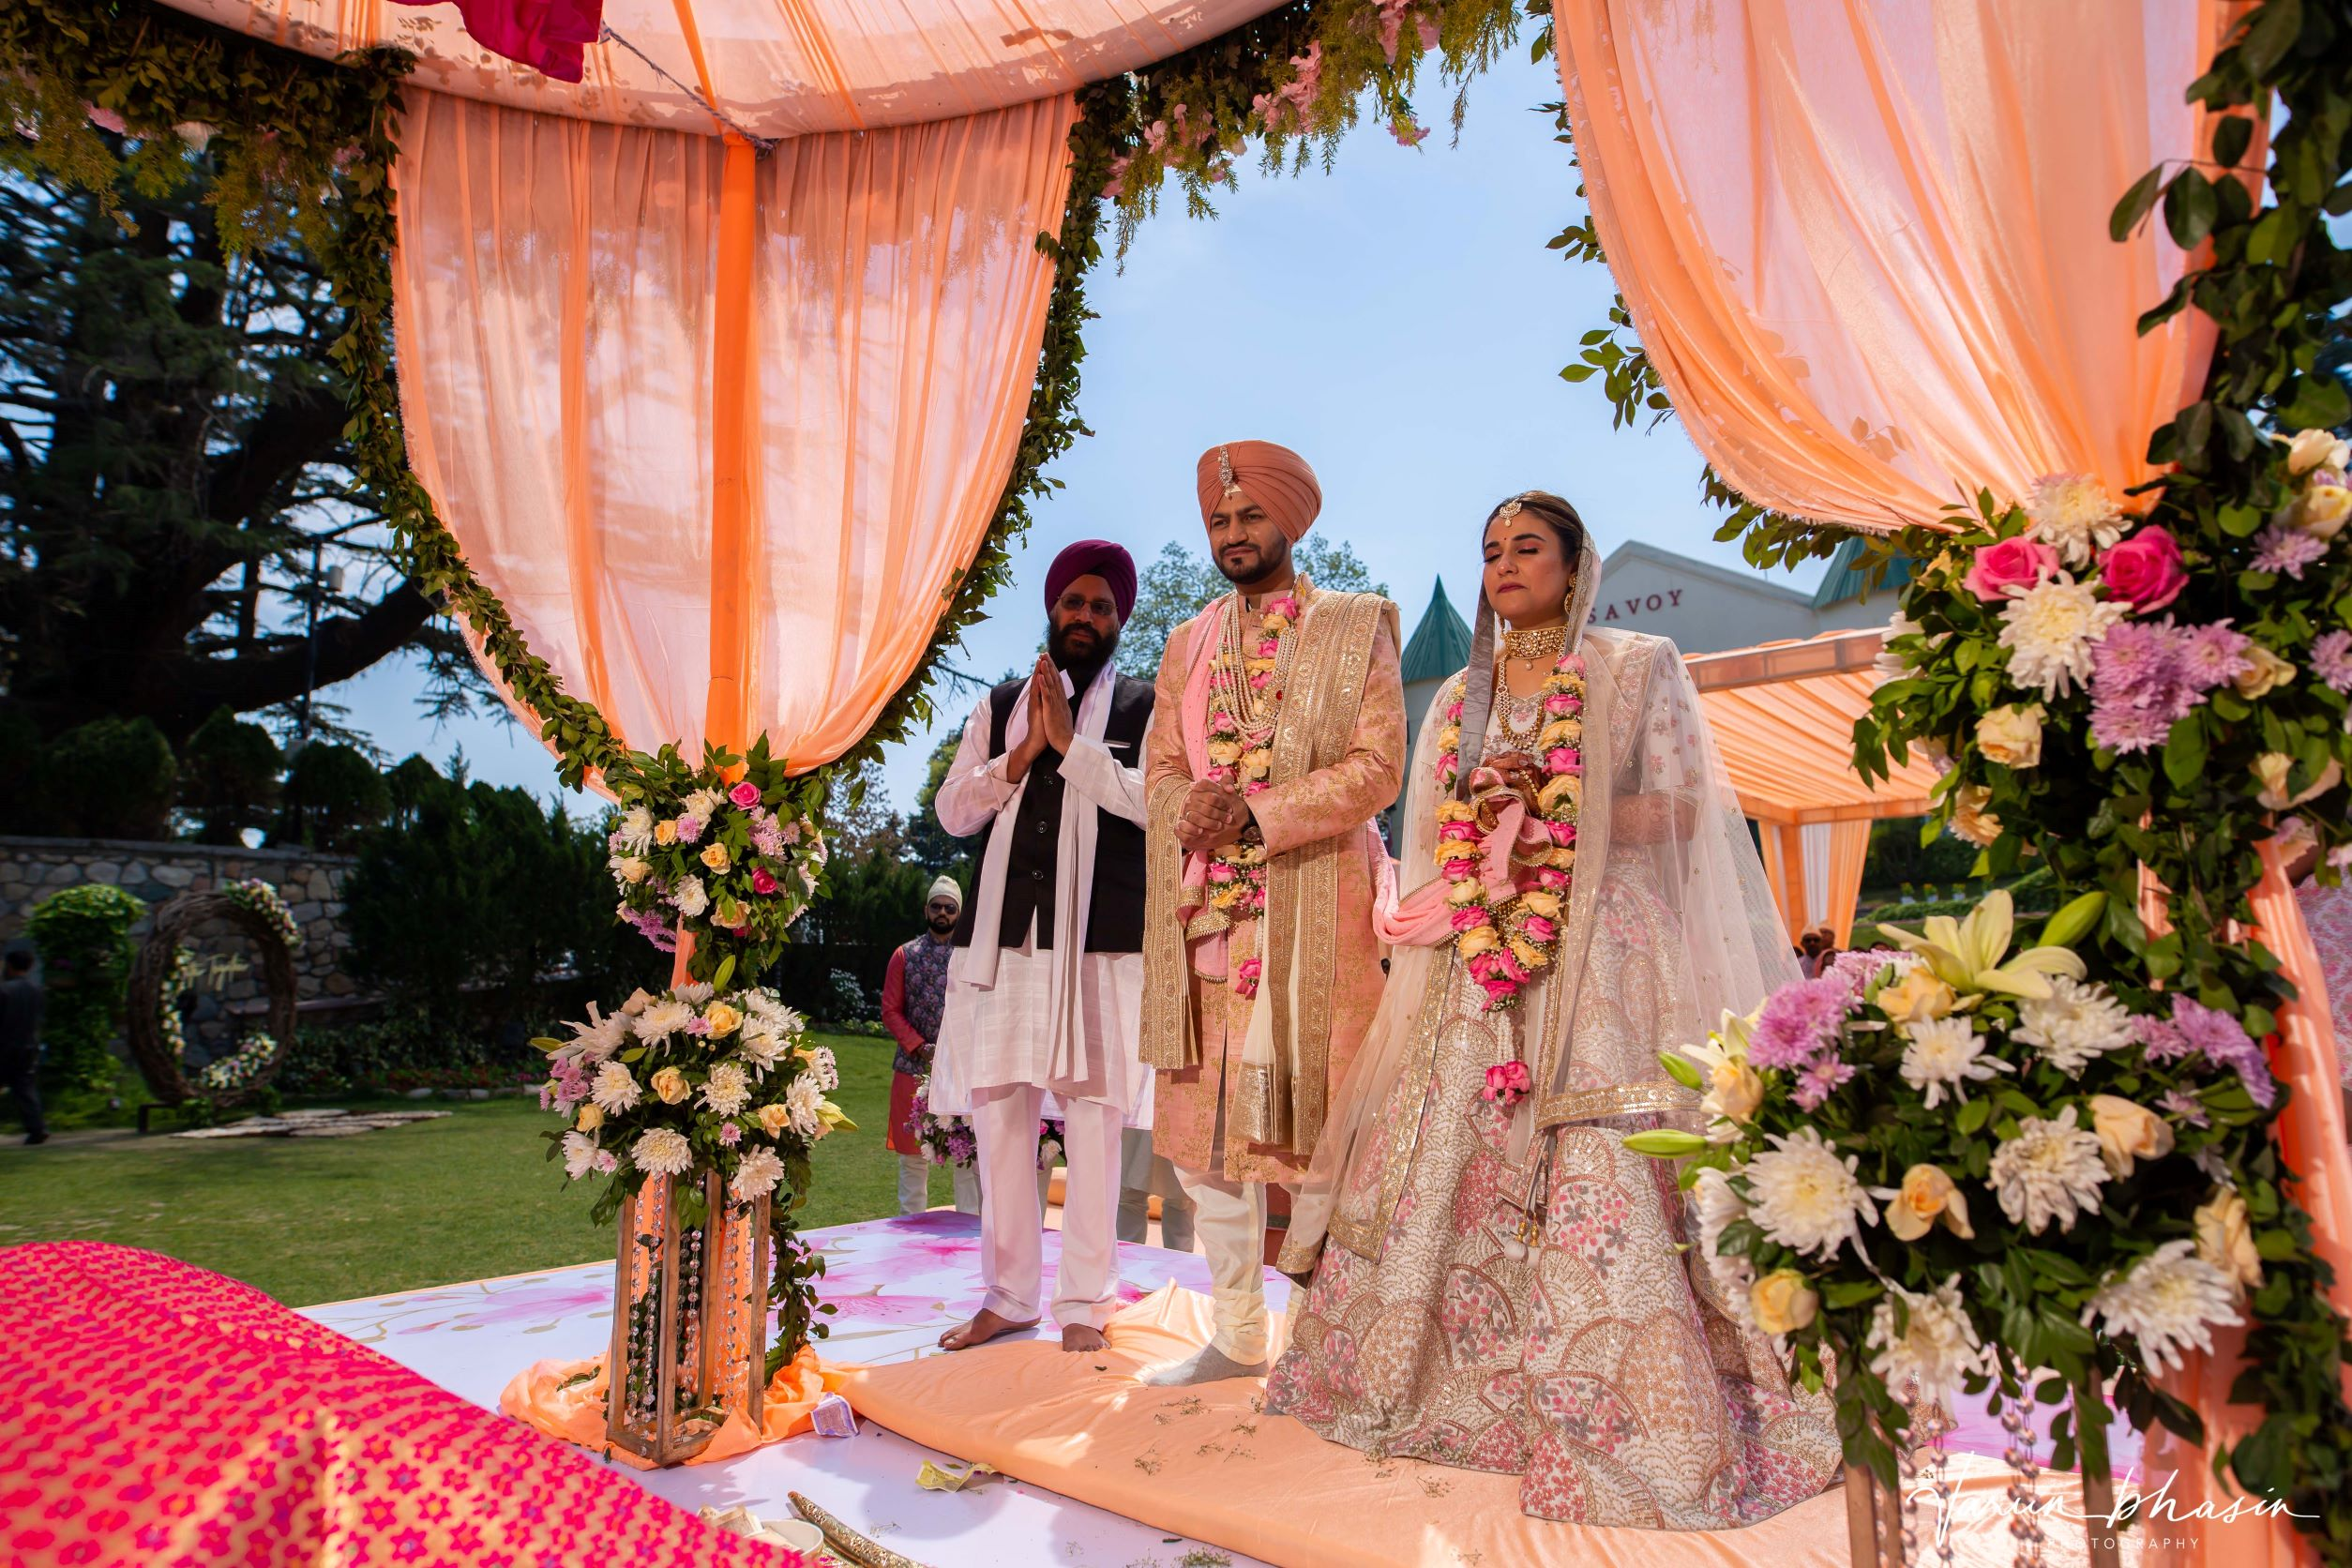 punjabi couple at their wedding